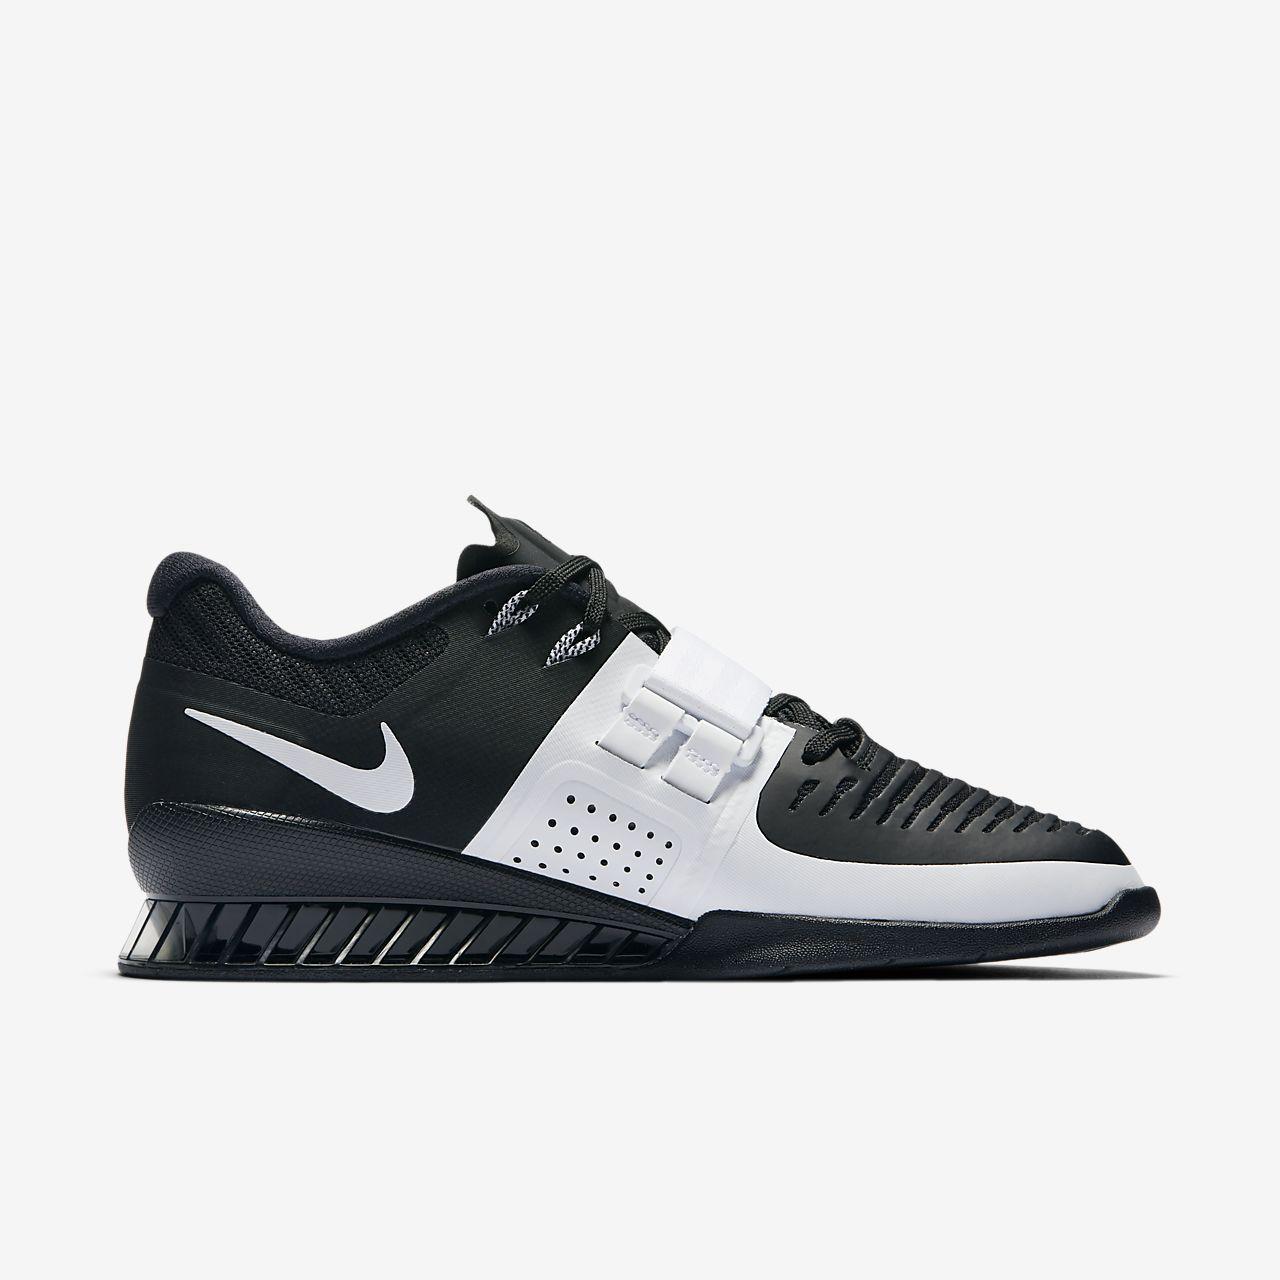 Gewichtheber Schuhe Lieferung Nike kostenloser Clearance qaw48a6